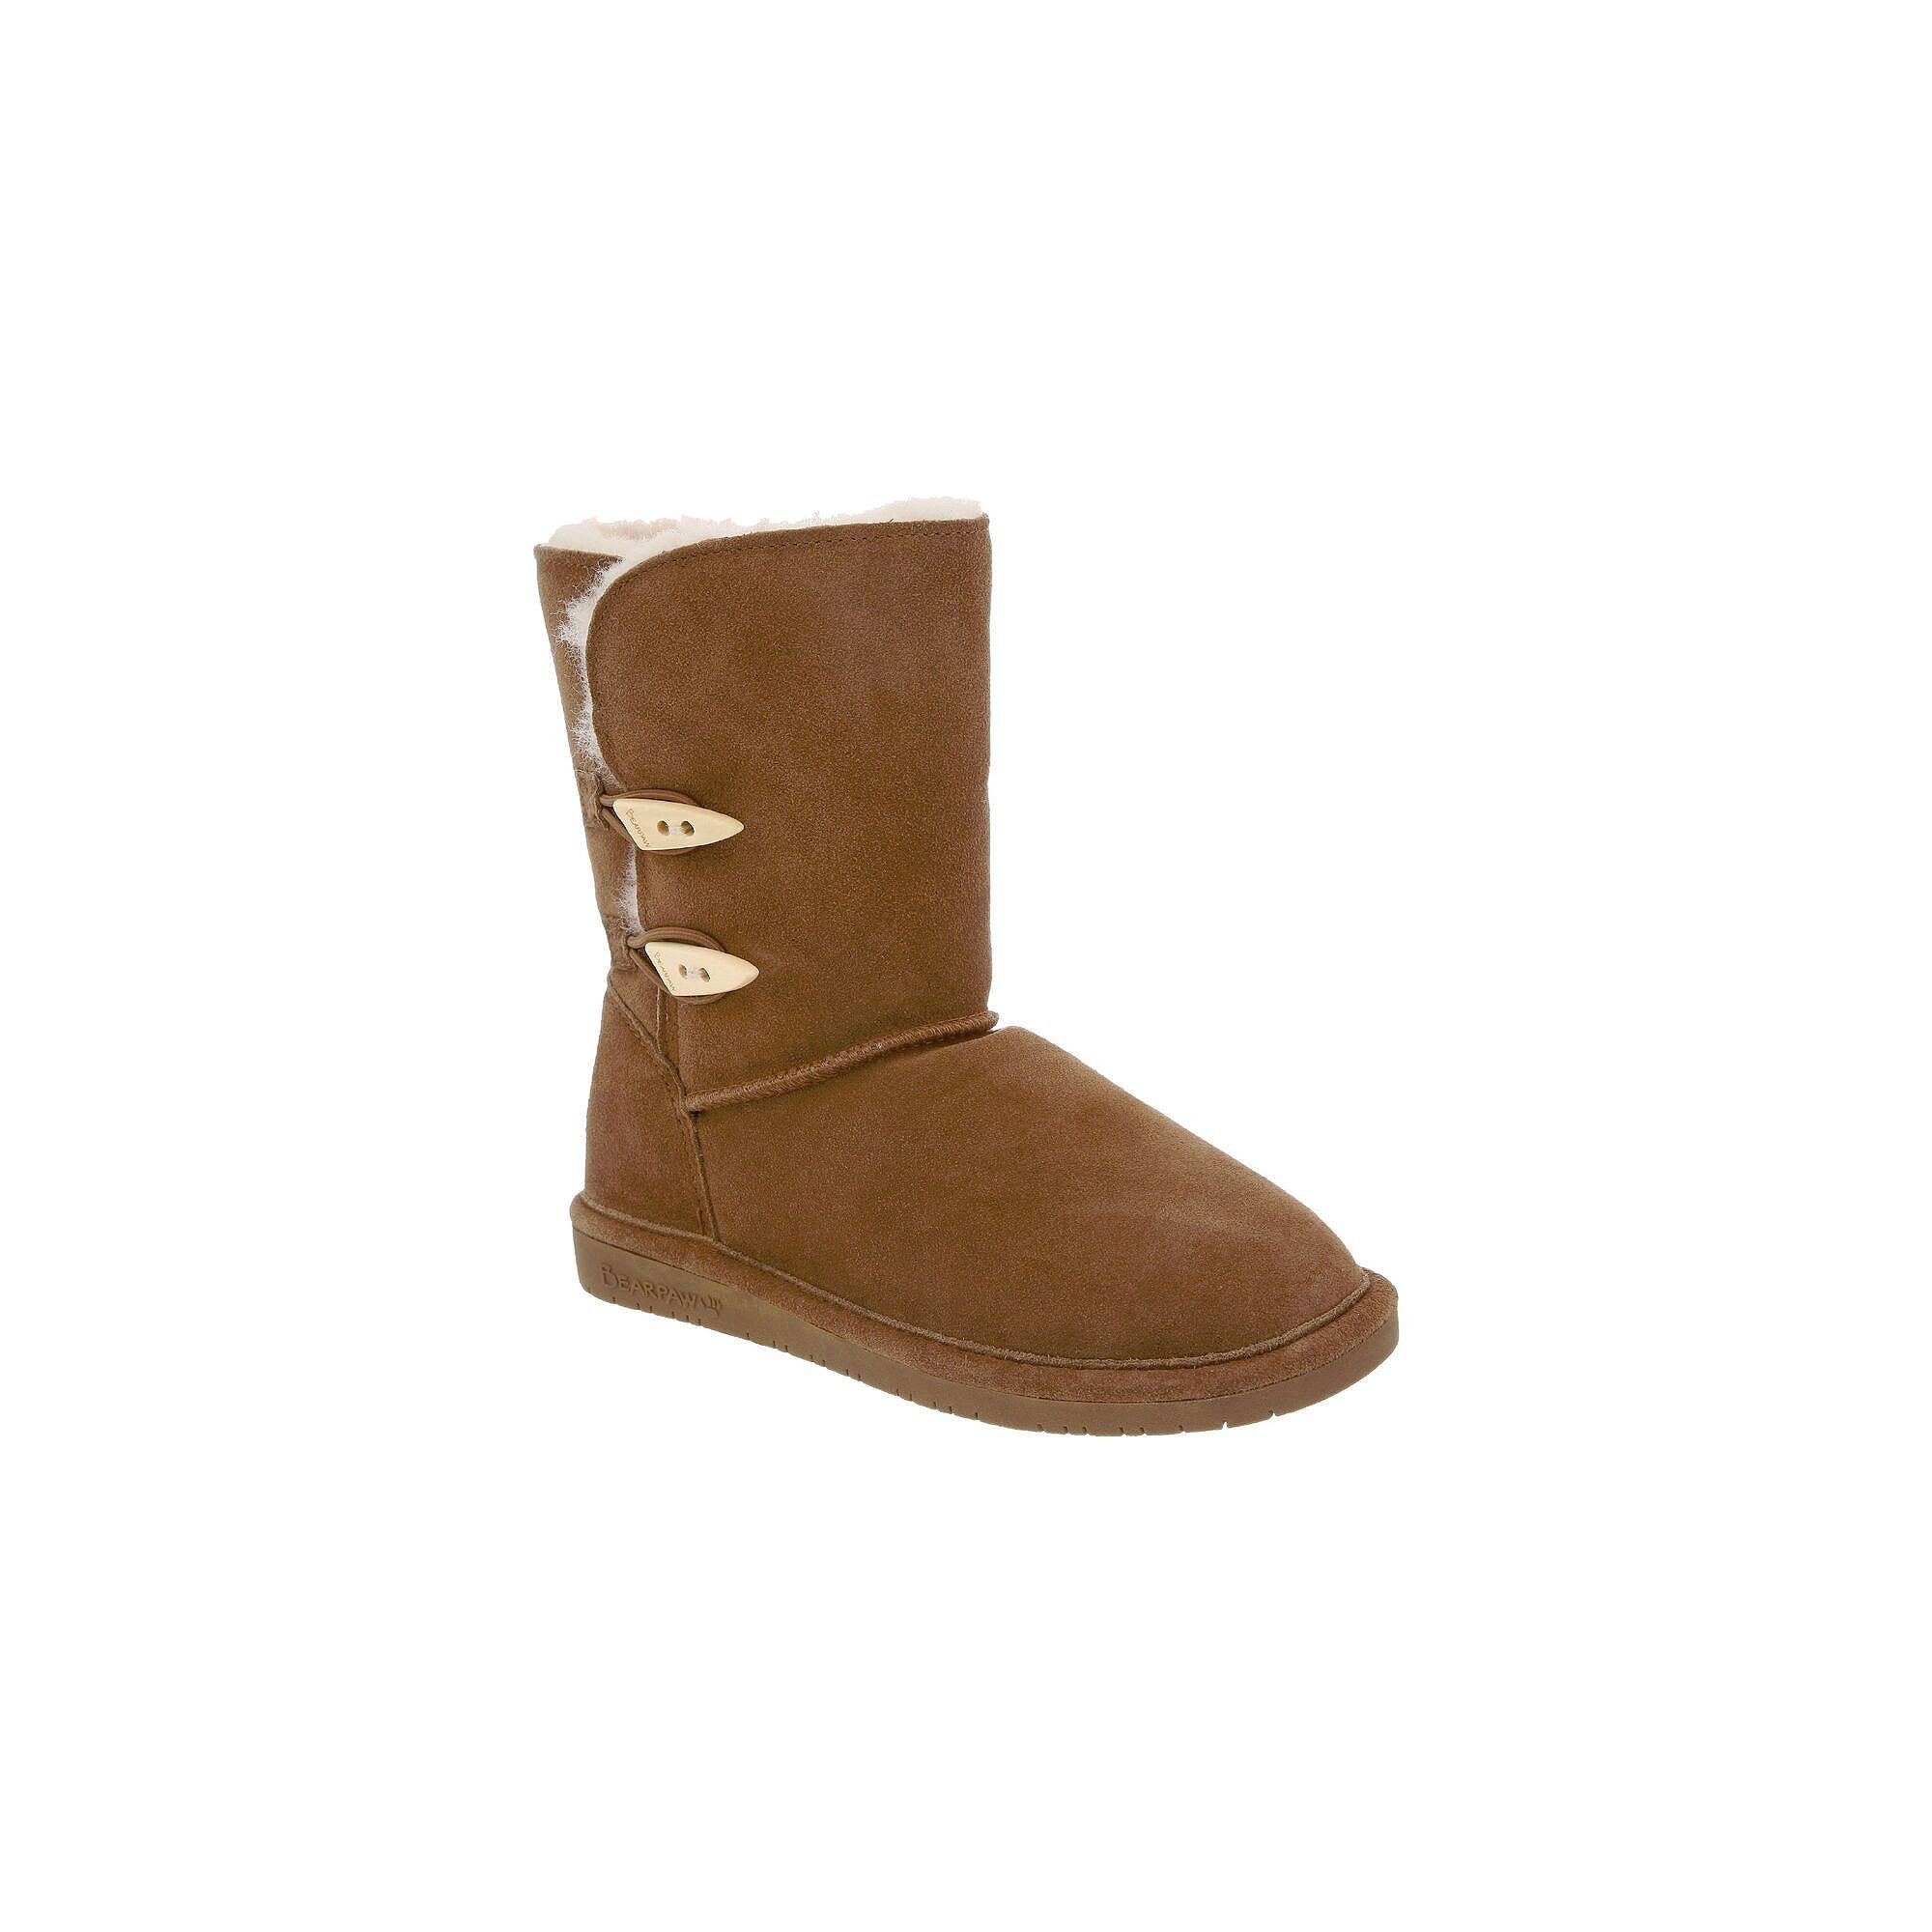 5197c6fe66d4 UPC 795240340480 - Bearpaw Abigail Boot - Women s Hickory